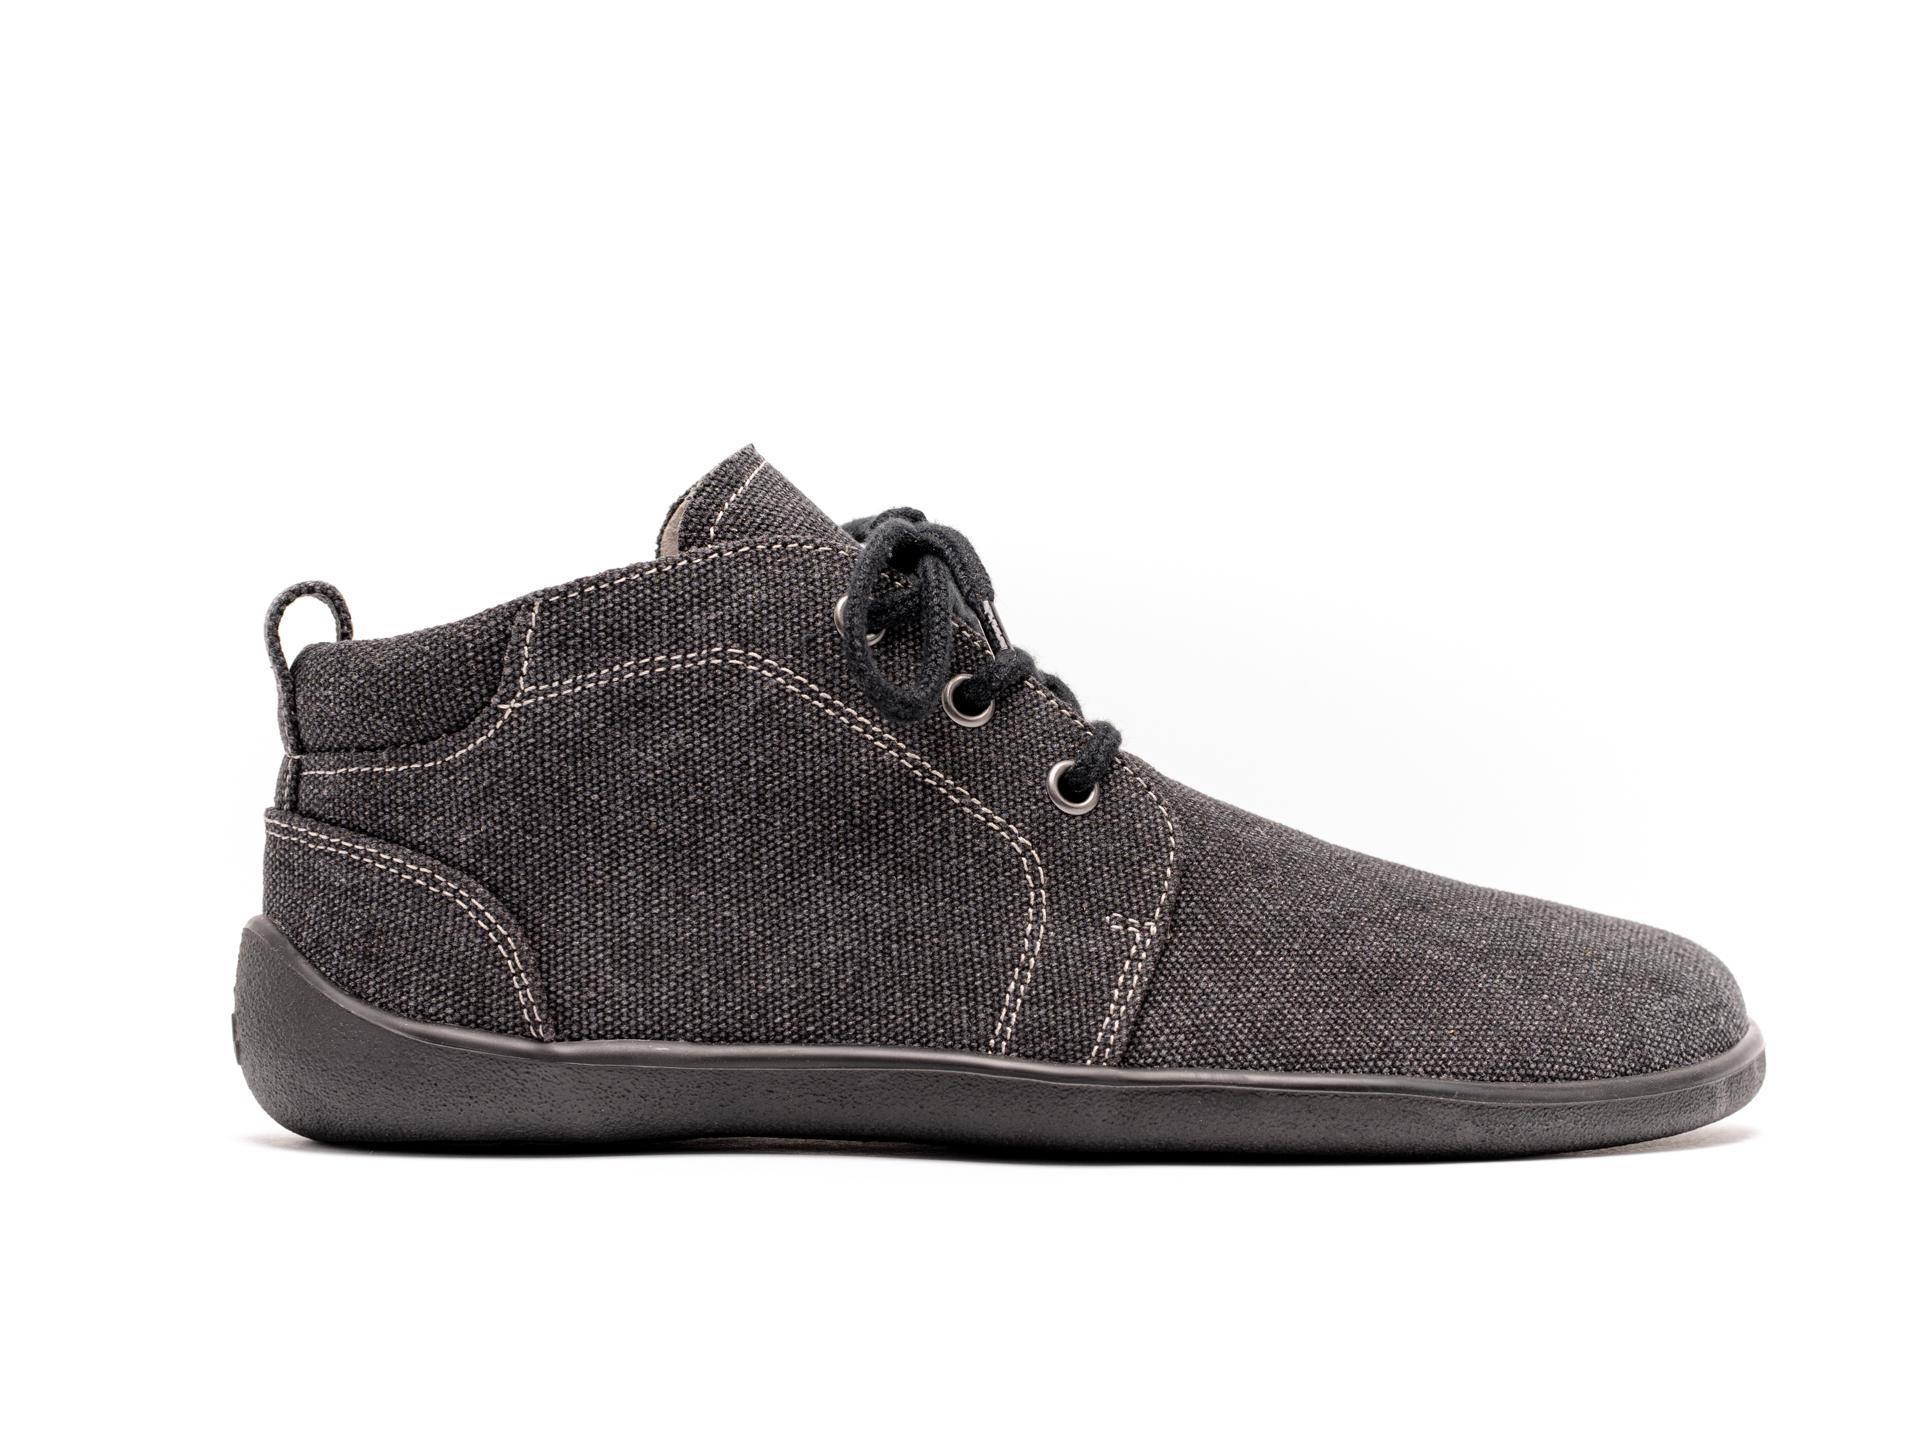 Barefoot Shoes - Be Lenka - Icon - Vegan - Karuna 36